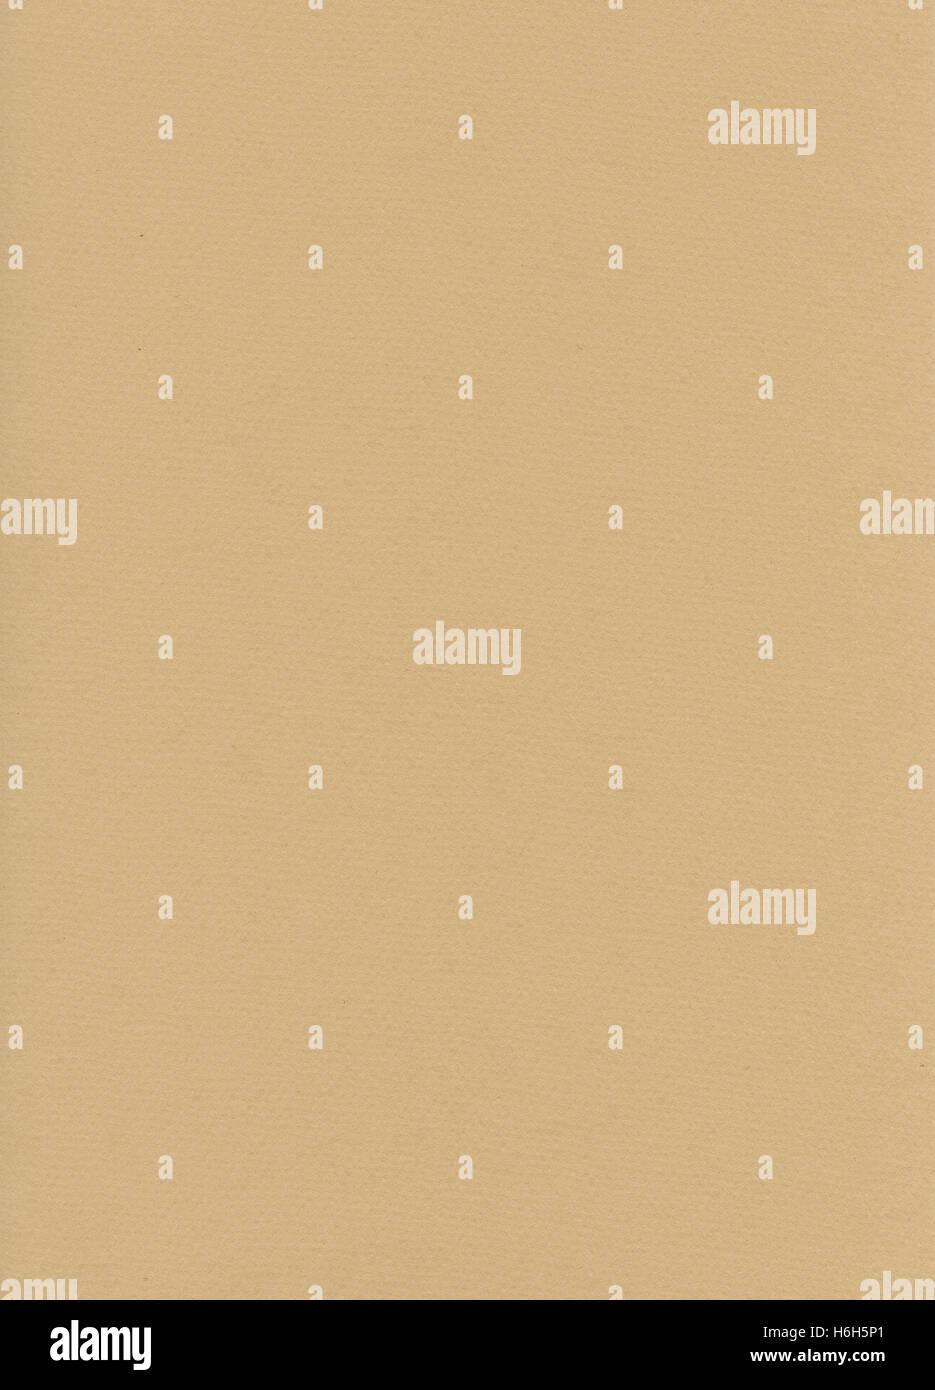 Numérisation haute résolution de papier fibre beige. Scanné à 1200dpi à l'aide d'un Photo Stock